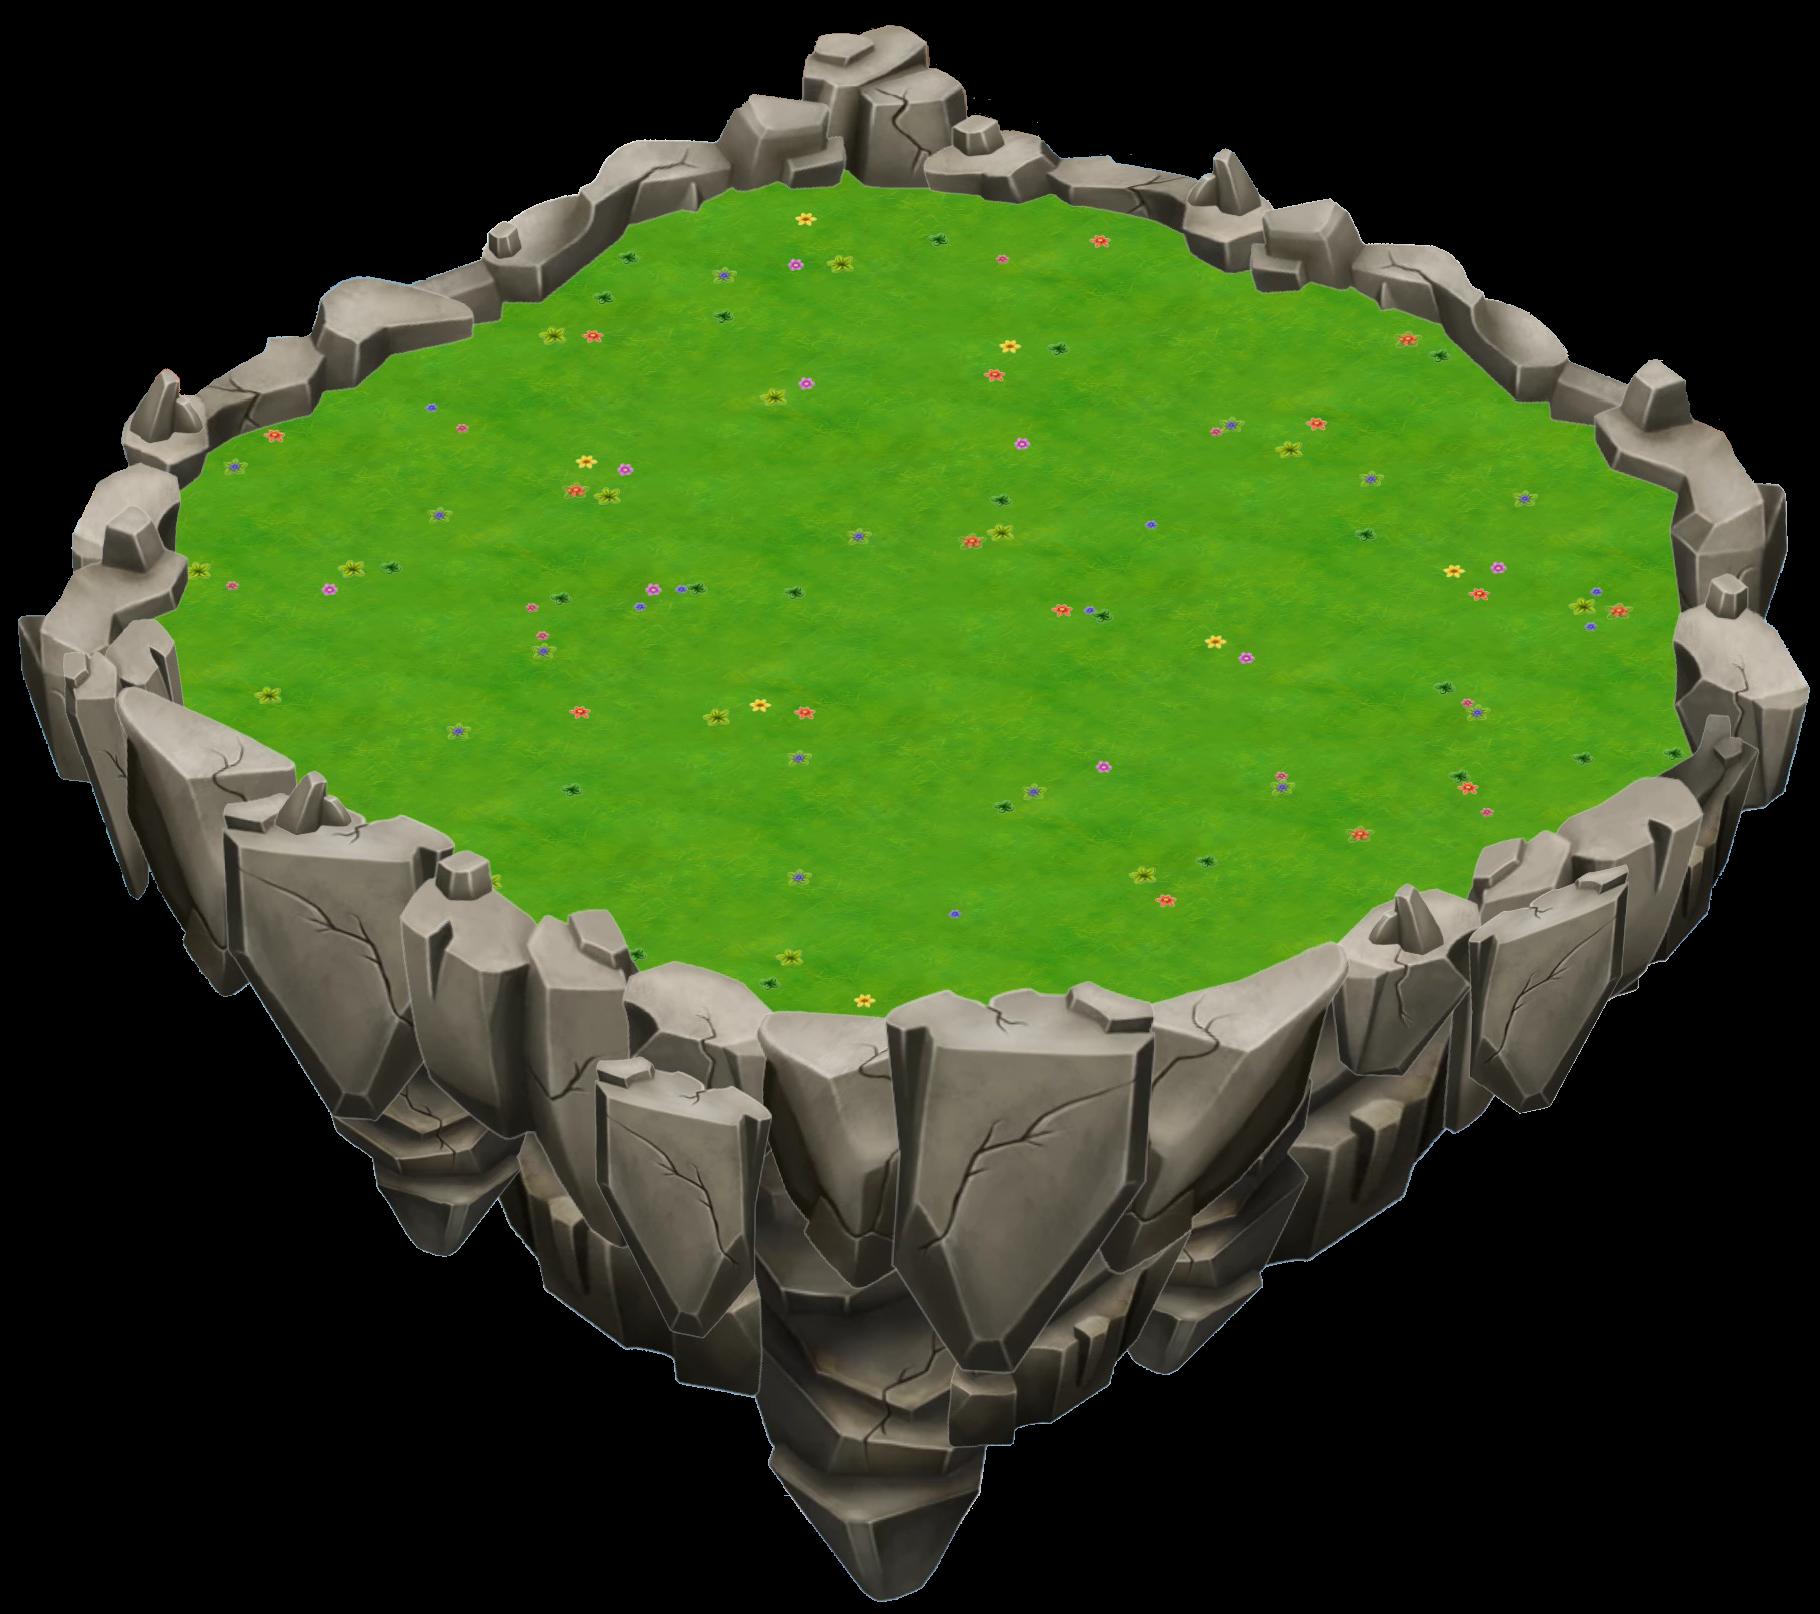 Island Themes Dragonvale Wiki Fandom Powered By Wikia